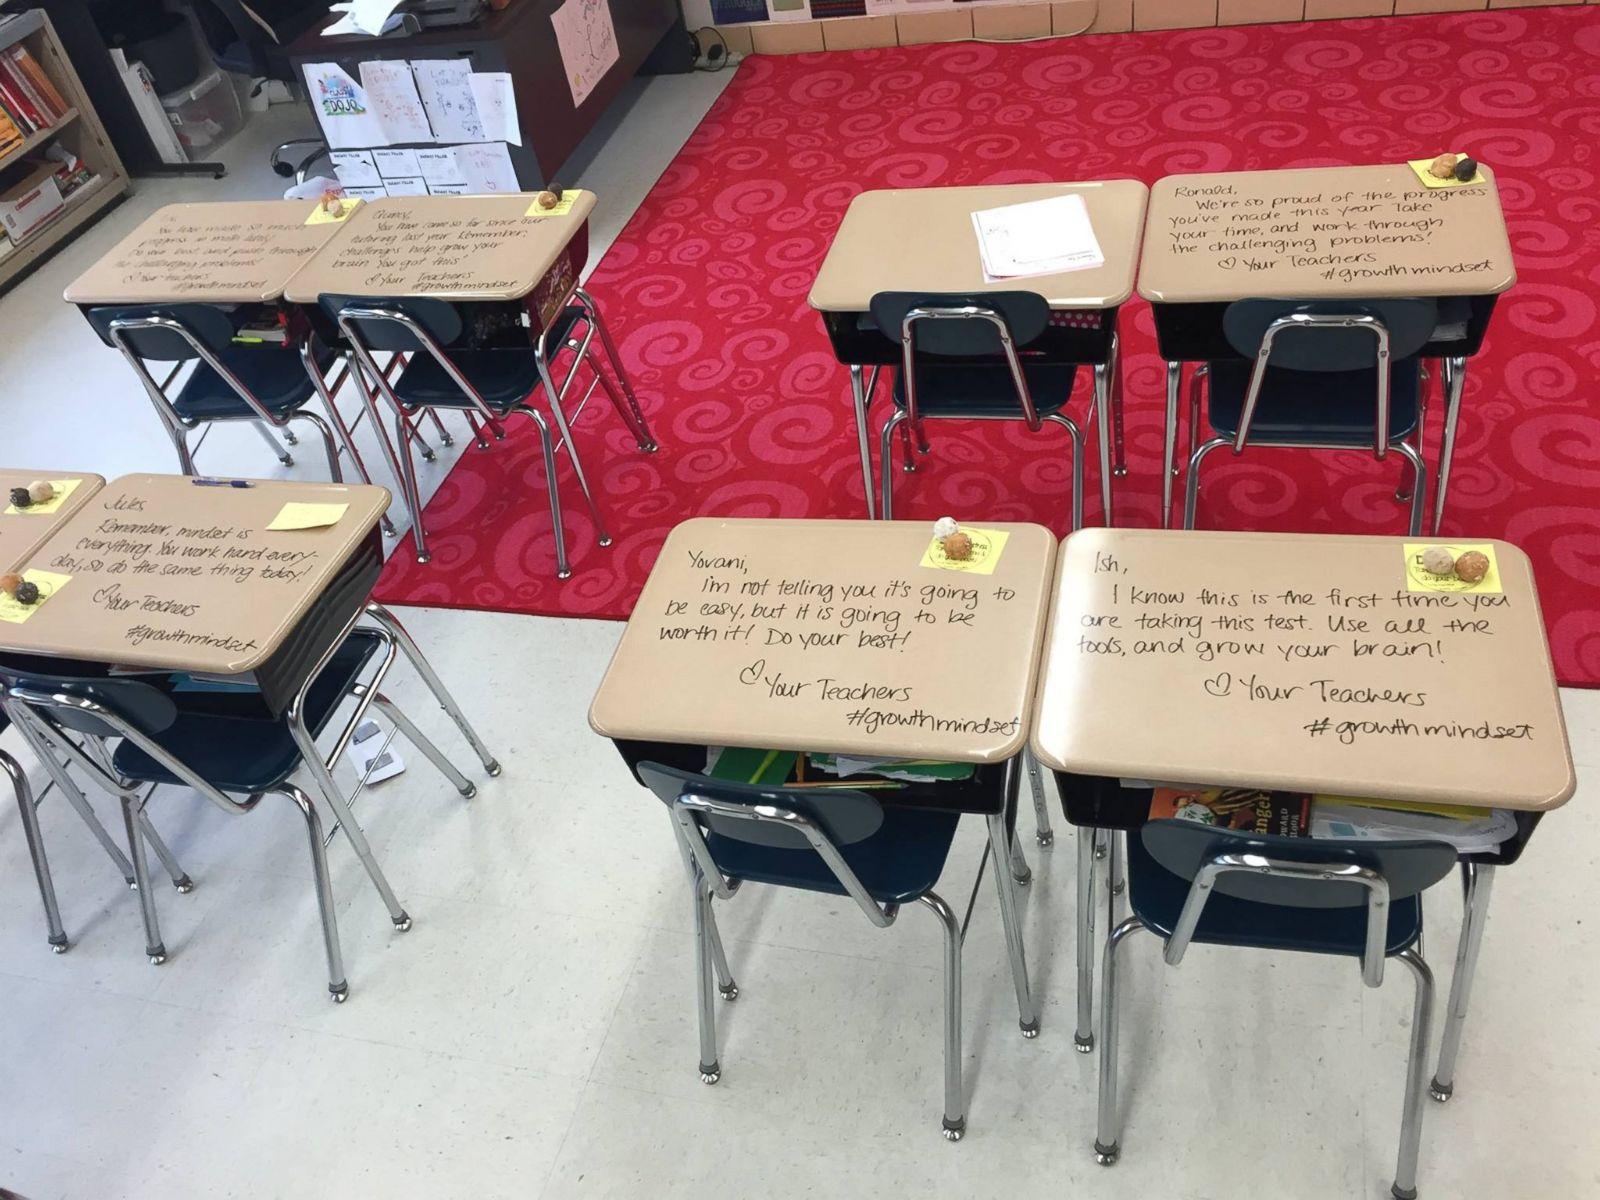 Maestra Escribió Frases Motivadoras A Sus Alumnos En Bancas